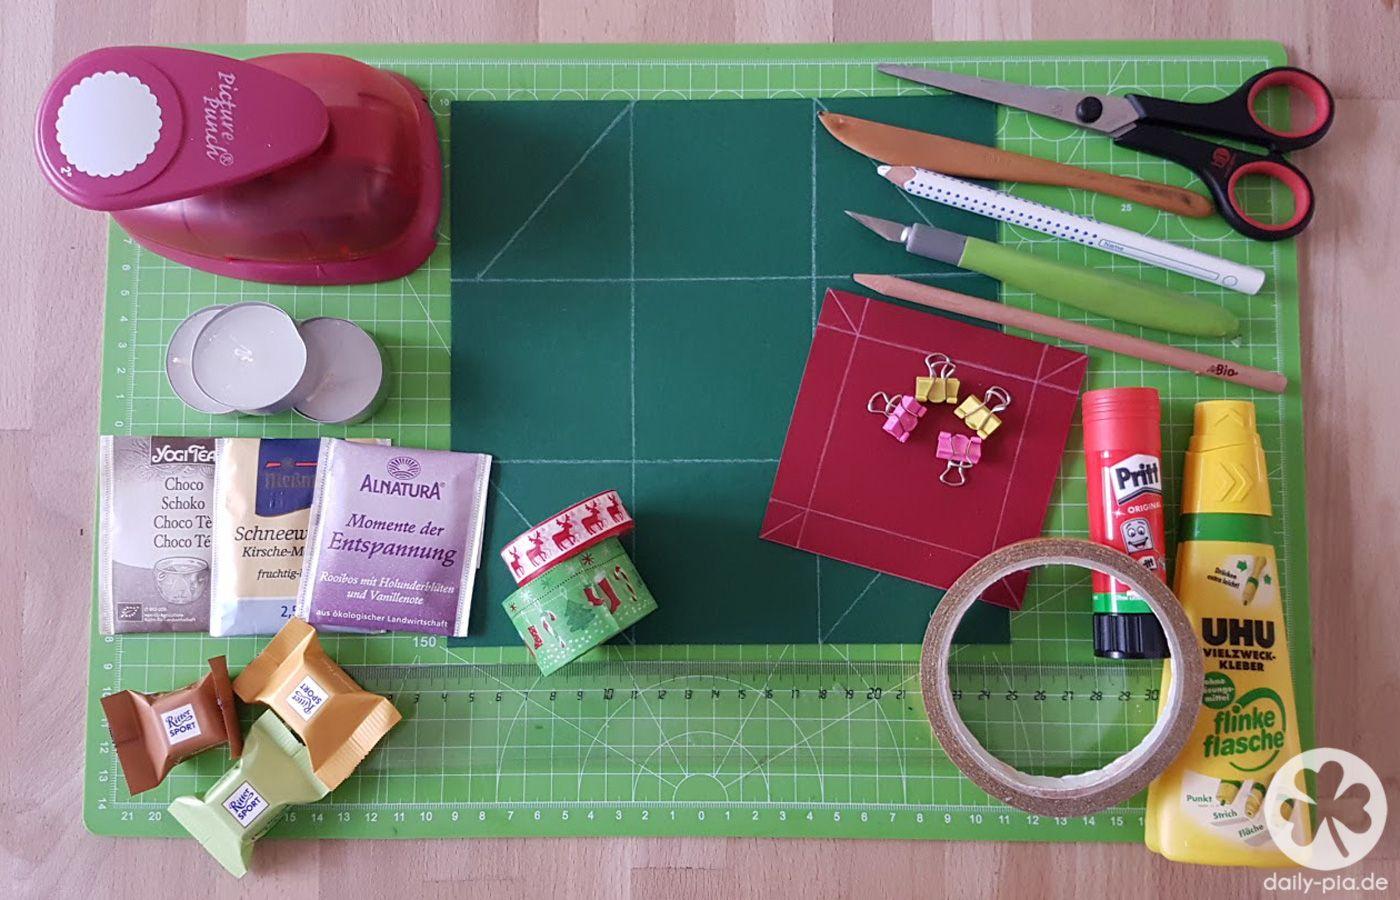 DIY: 15 Minuten Auszeit-Box | Bastelarbeiten | Pinterest | Geschenke ...